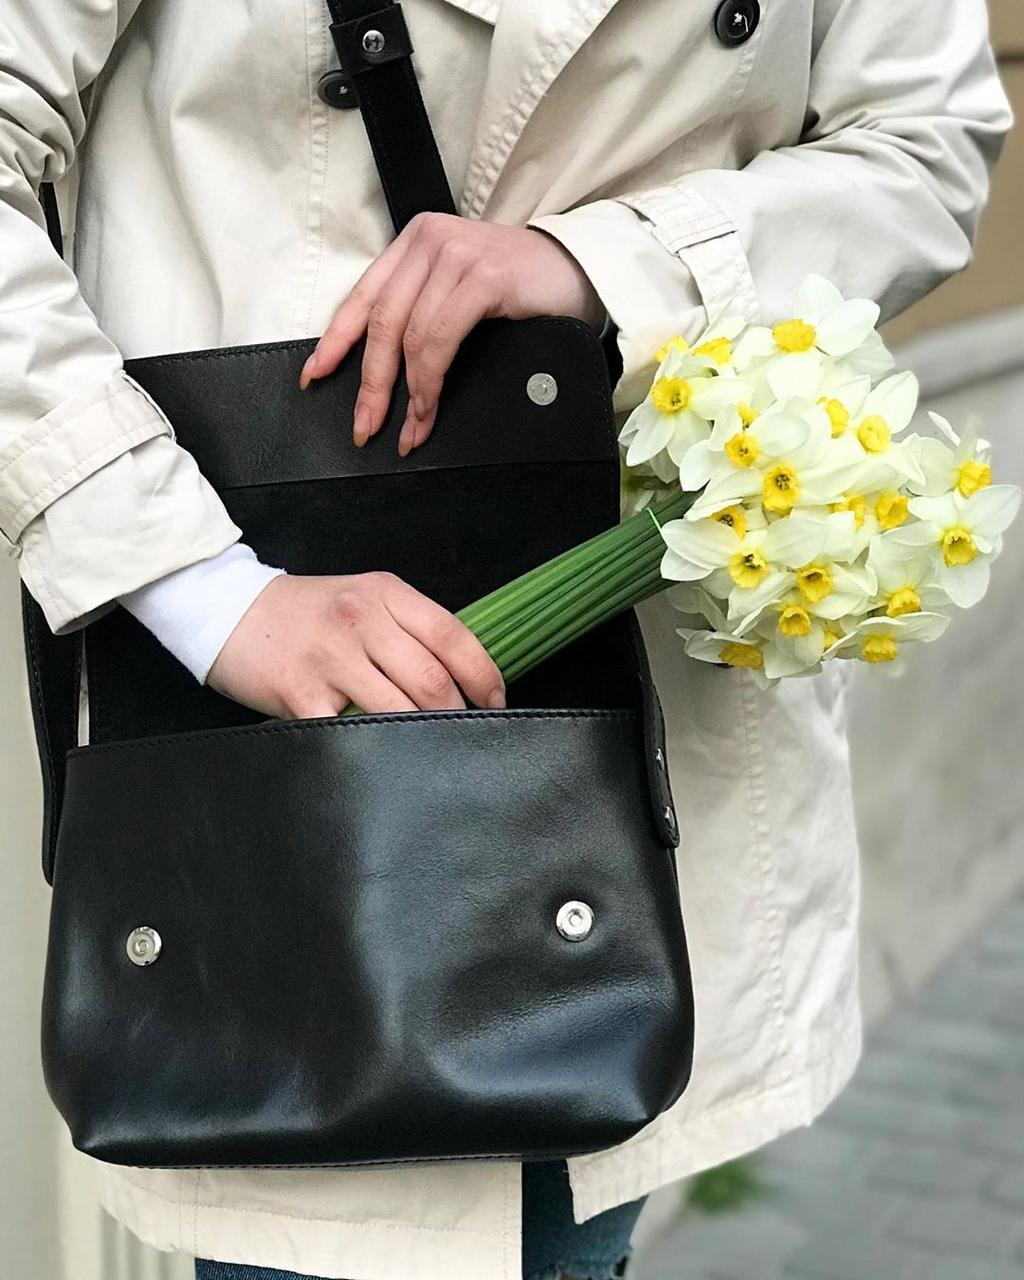 Шкіряна сумка крос-боді «Cross Black» жіноча чорна (25x19 см) з косметичкою ручної роботи